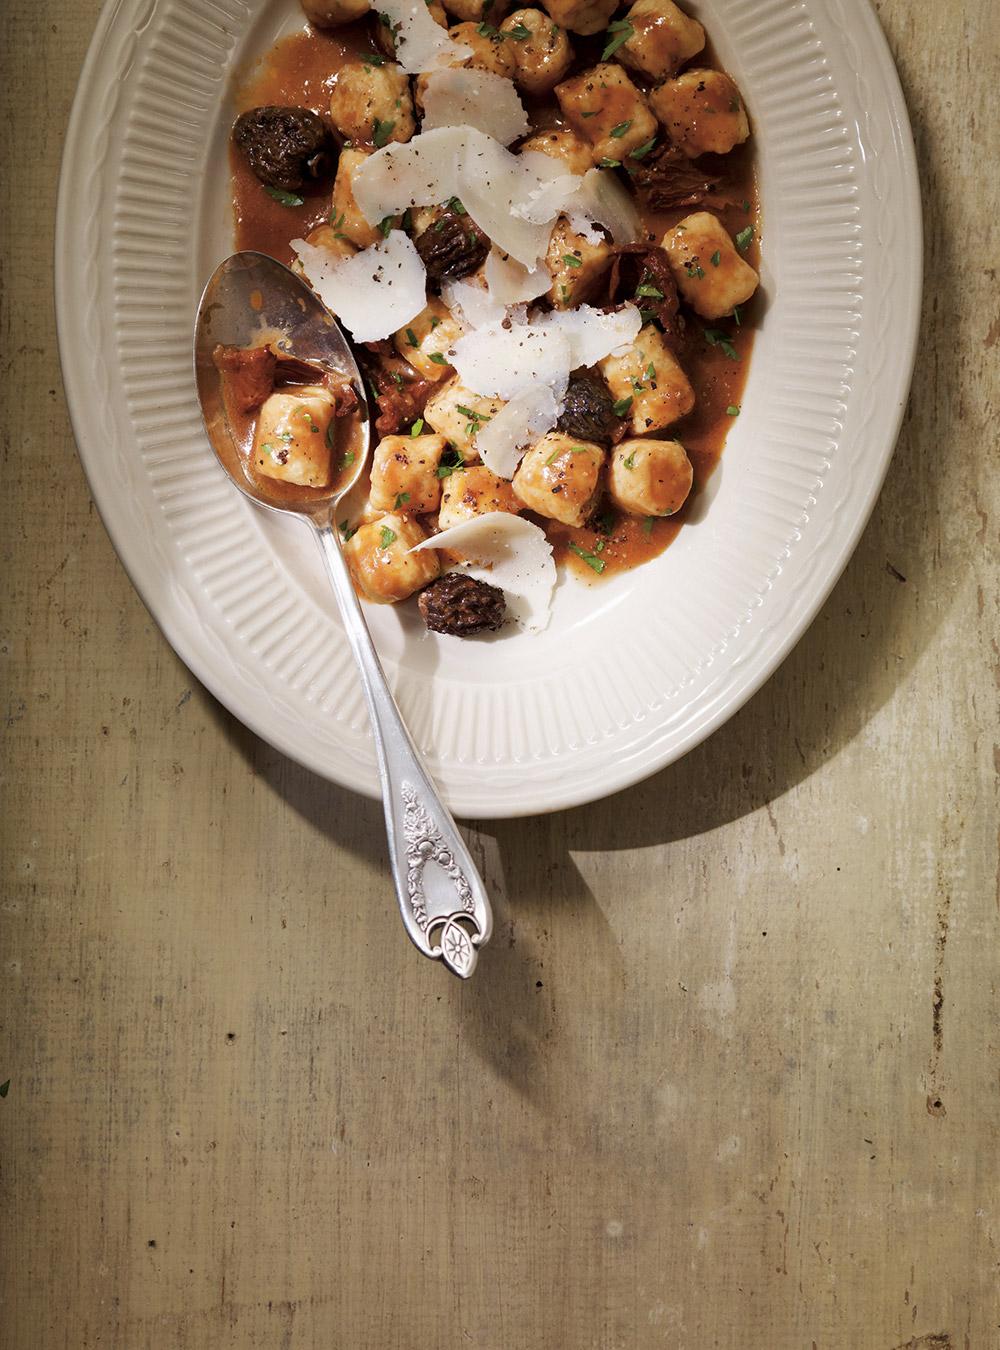 Gnocchis à la ricotta, sauce au vin rouge et aux champignons ...